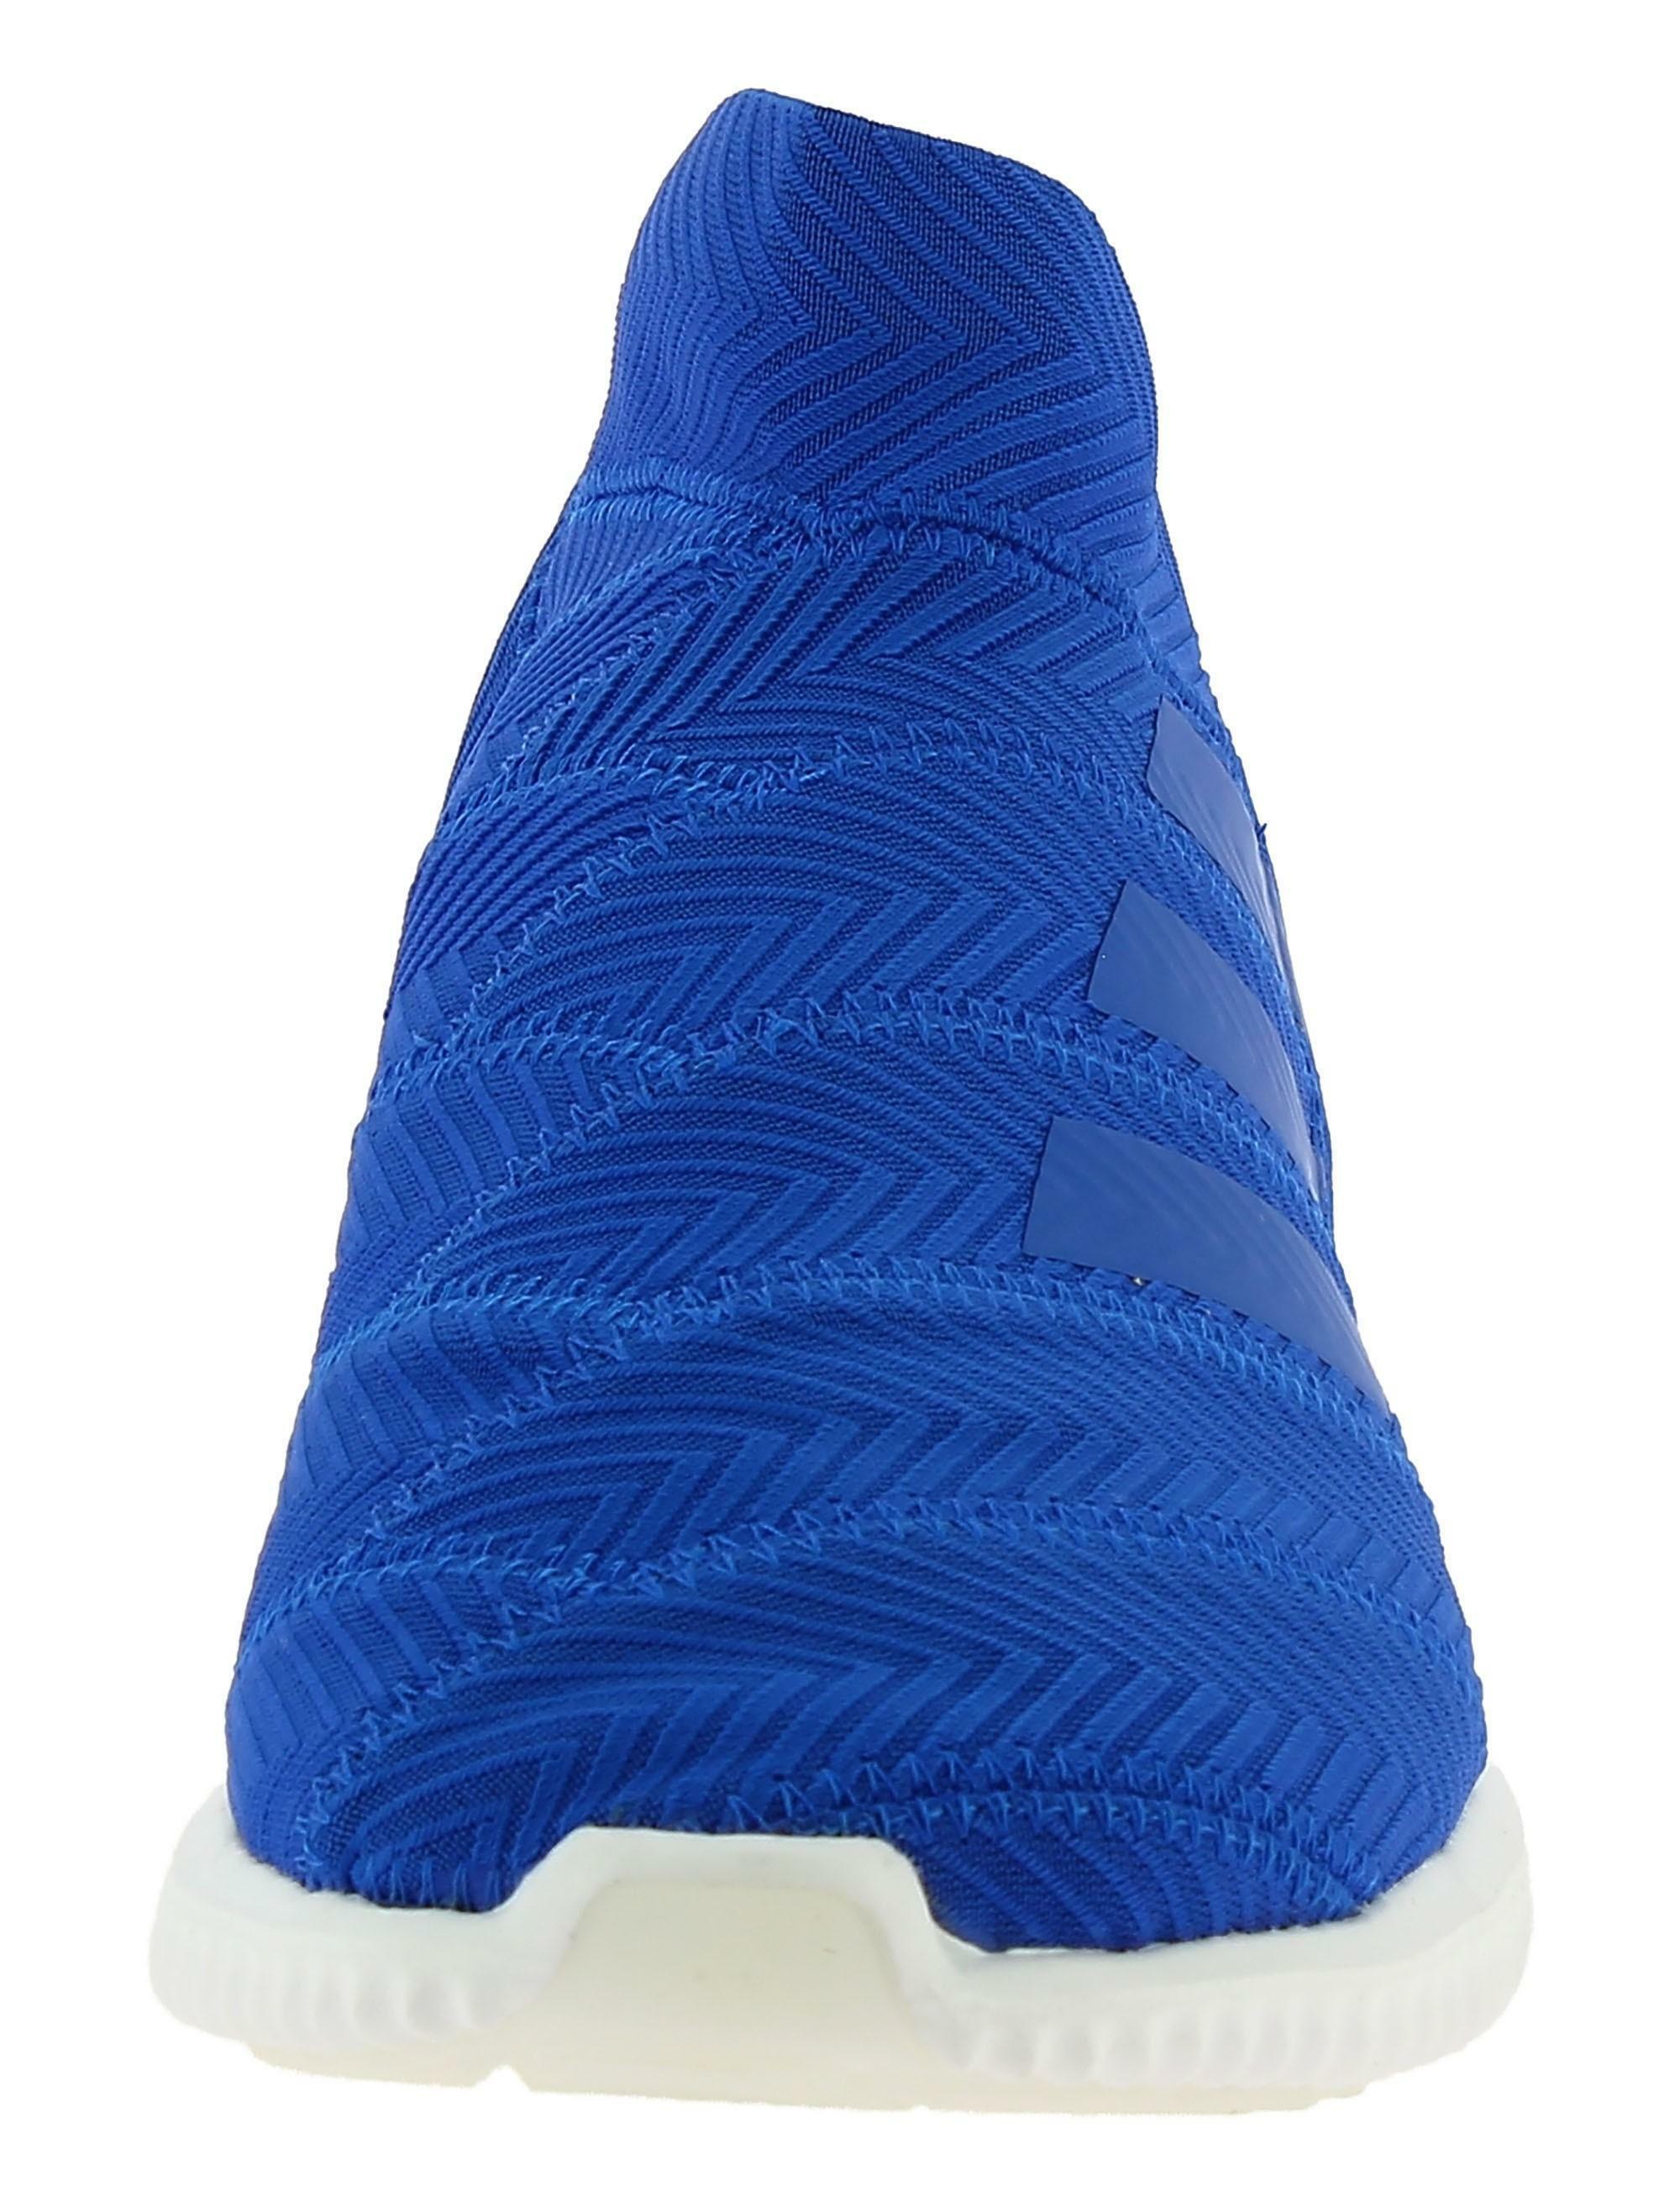 adidas adidas nemeziz tango 18.1 scarpe sportive uomo ac7355